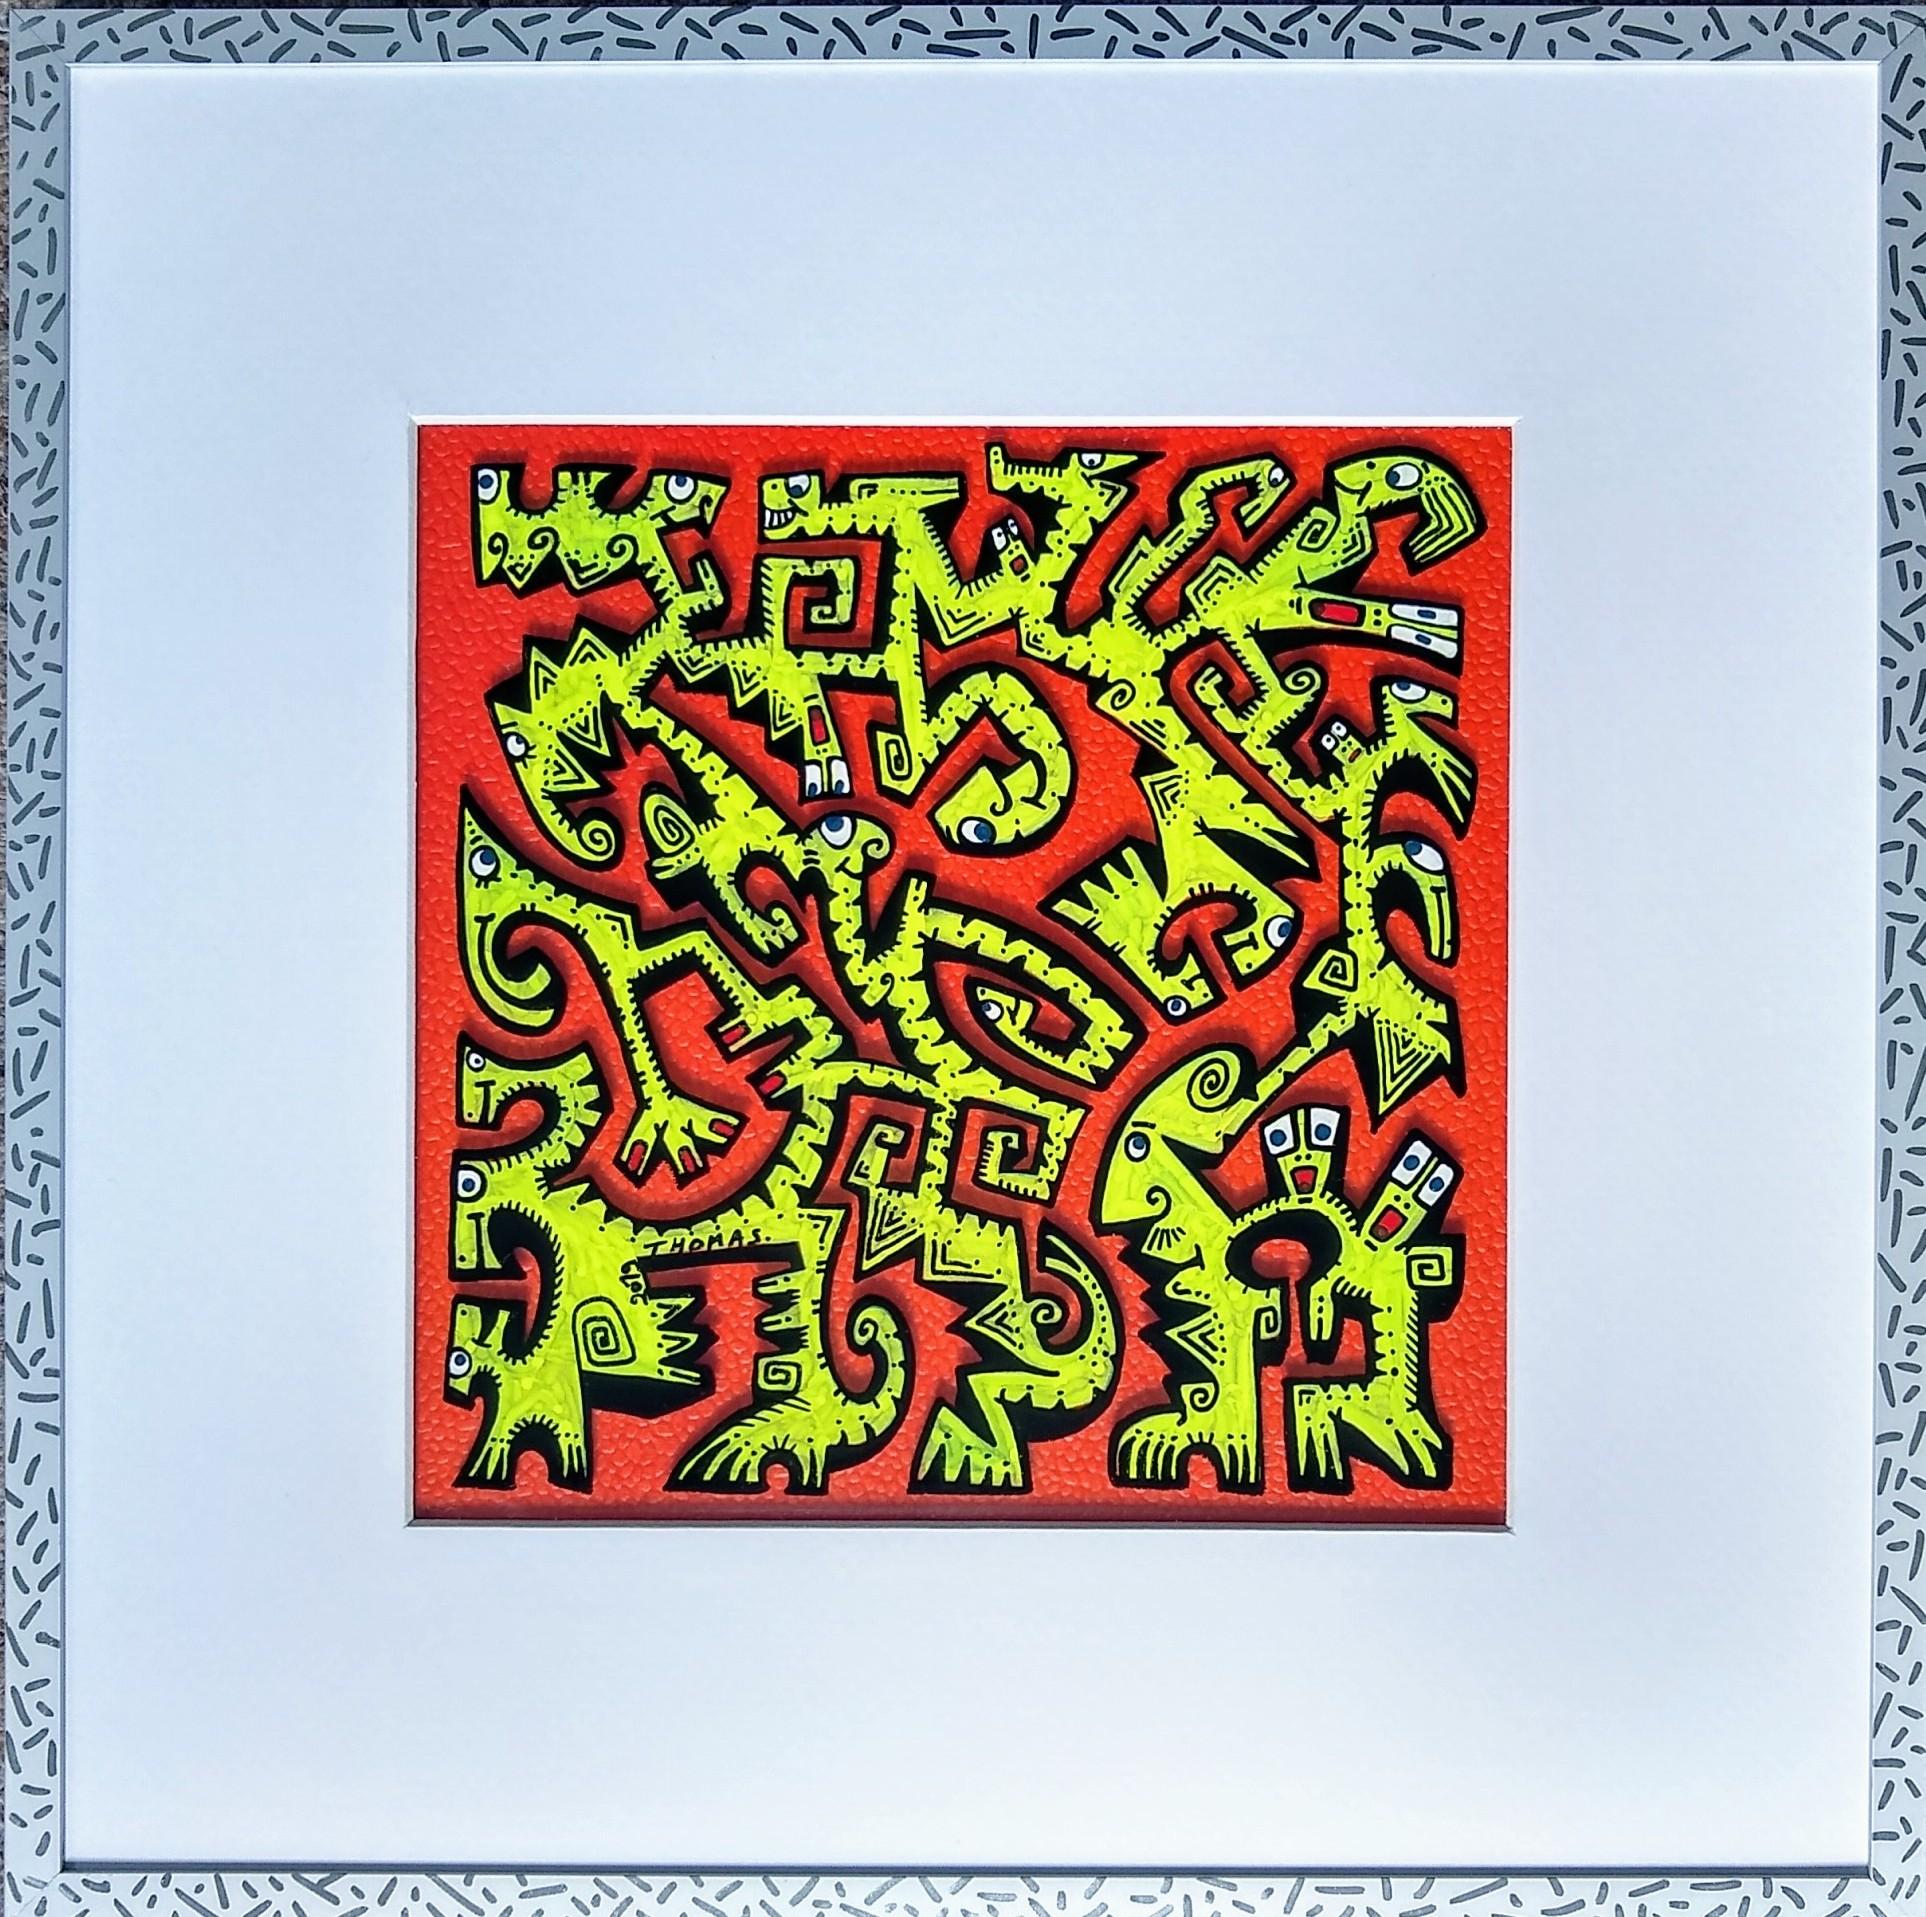 Titre : PT7/feutres acrylique sur verre synthétique/cadre aluminium gris et chrome/ fond papier effet cuir rouge/ format dessin : 19/19 cm/format du cadre: 33/33cm prix : 80 euros